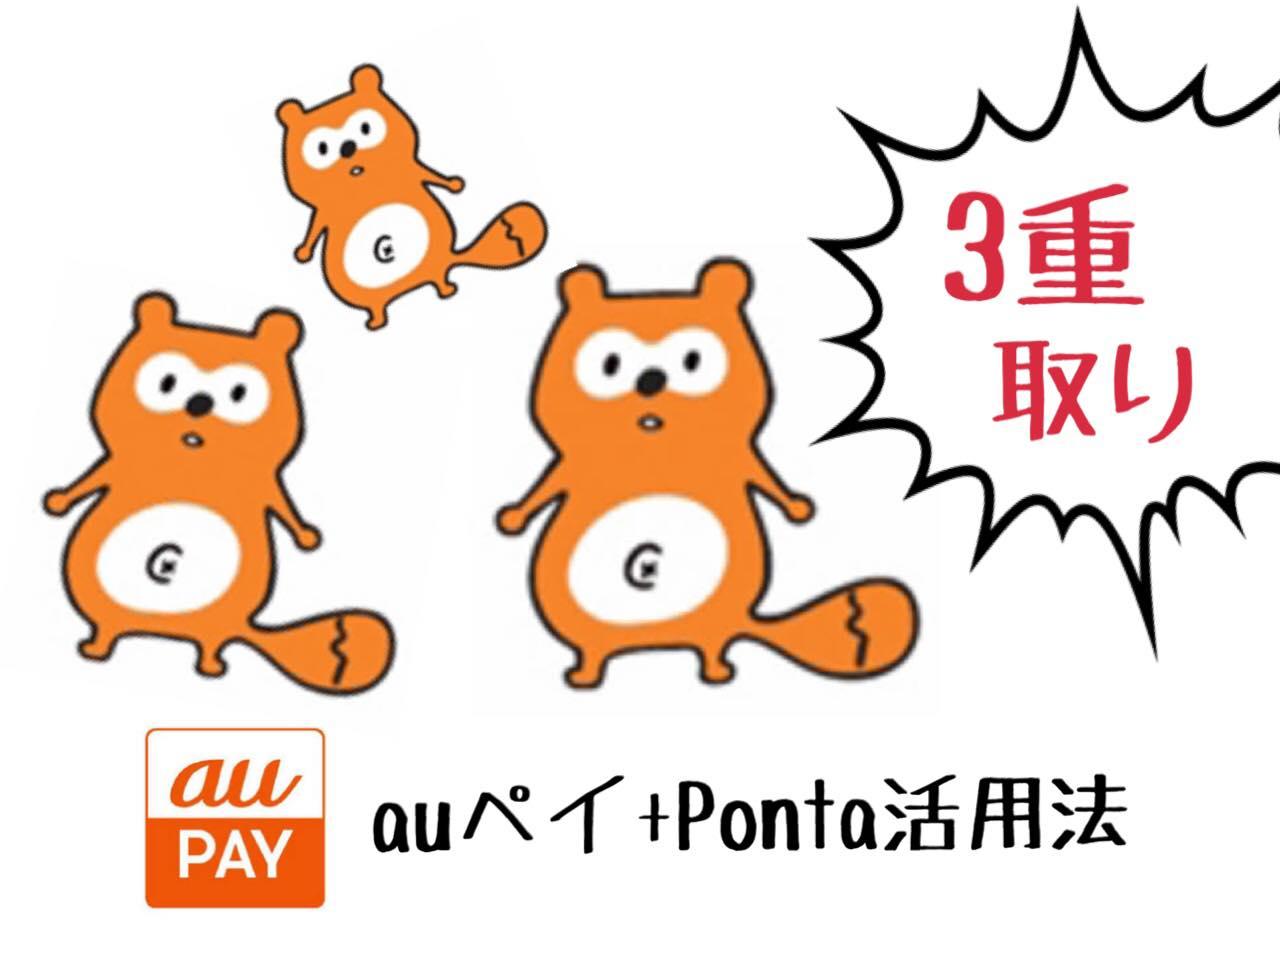 auユーザー必見! auペイ+Ponta+カードでポイント3重取りする方法